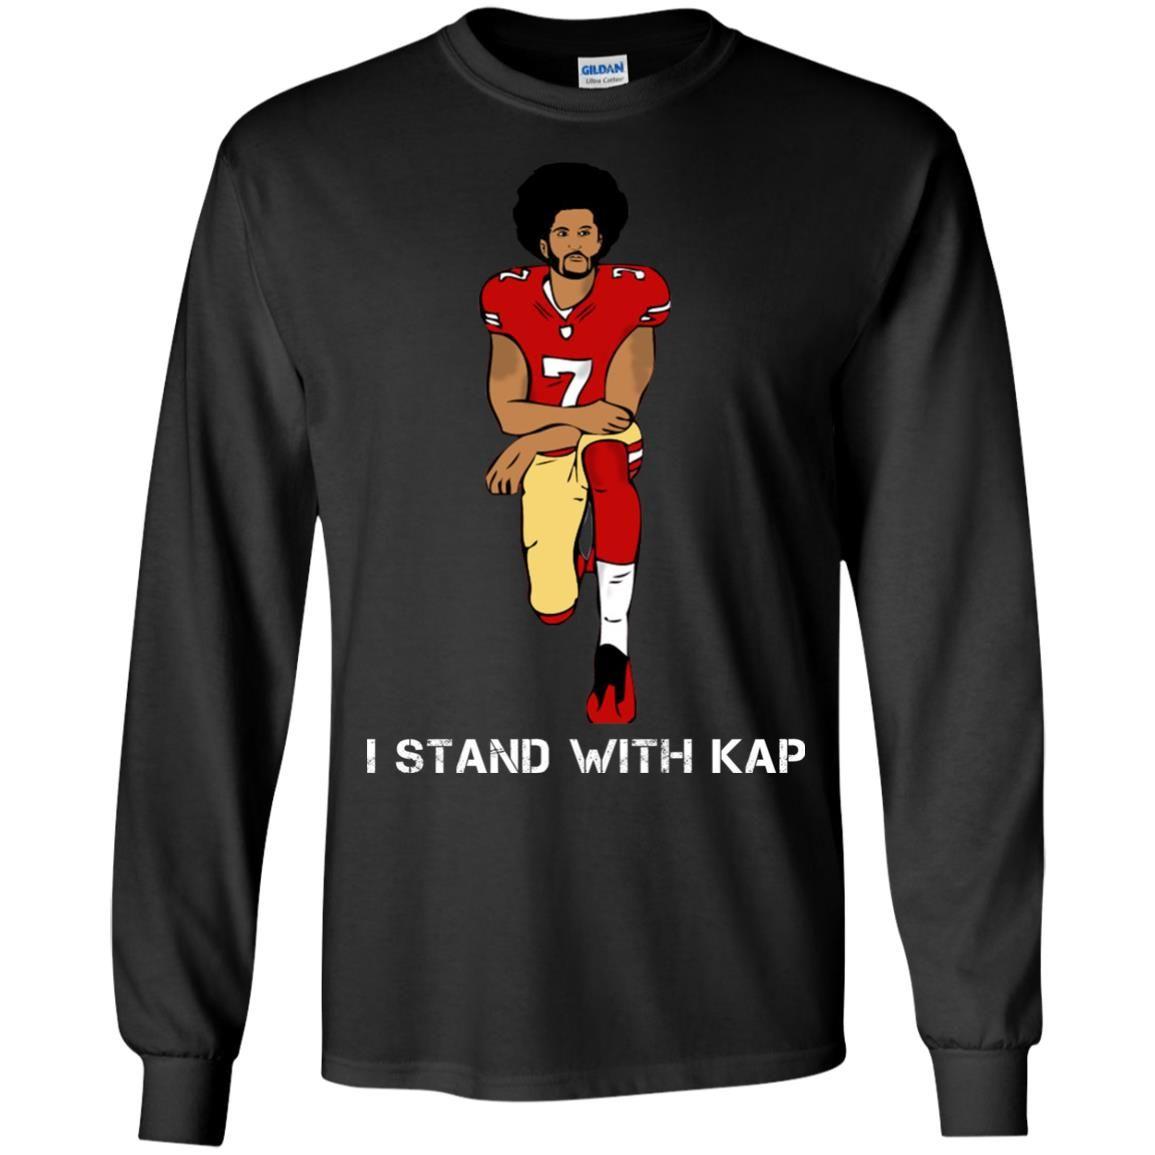 image 1936 - I stand with Kap shirt, hoodie